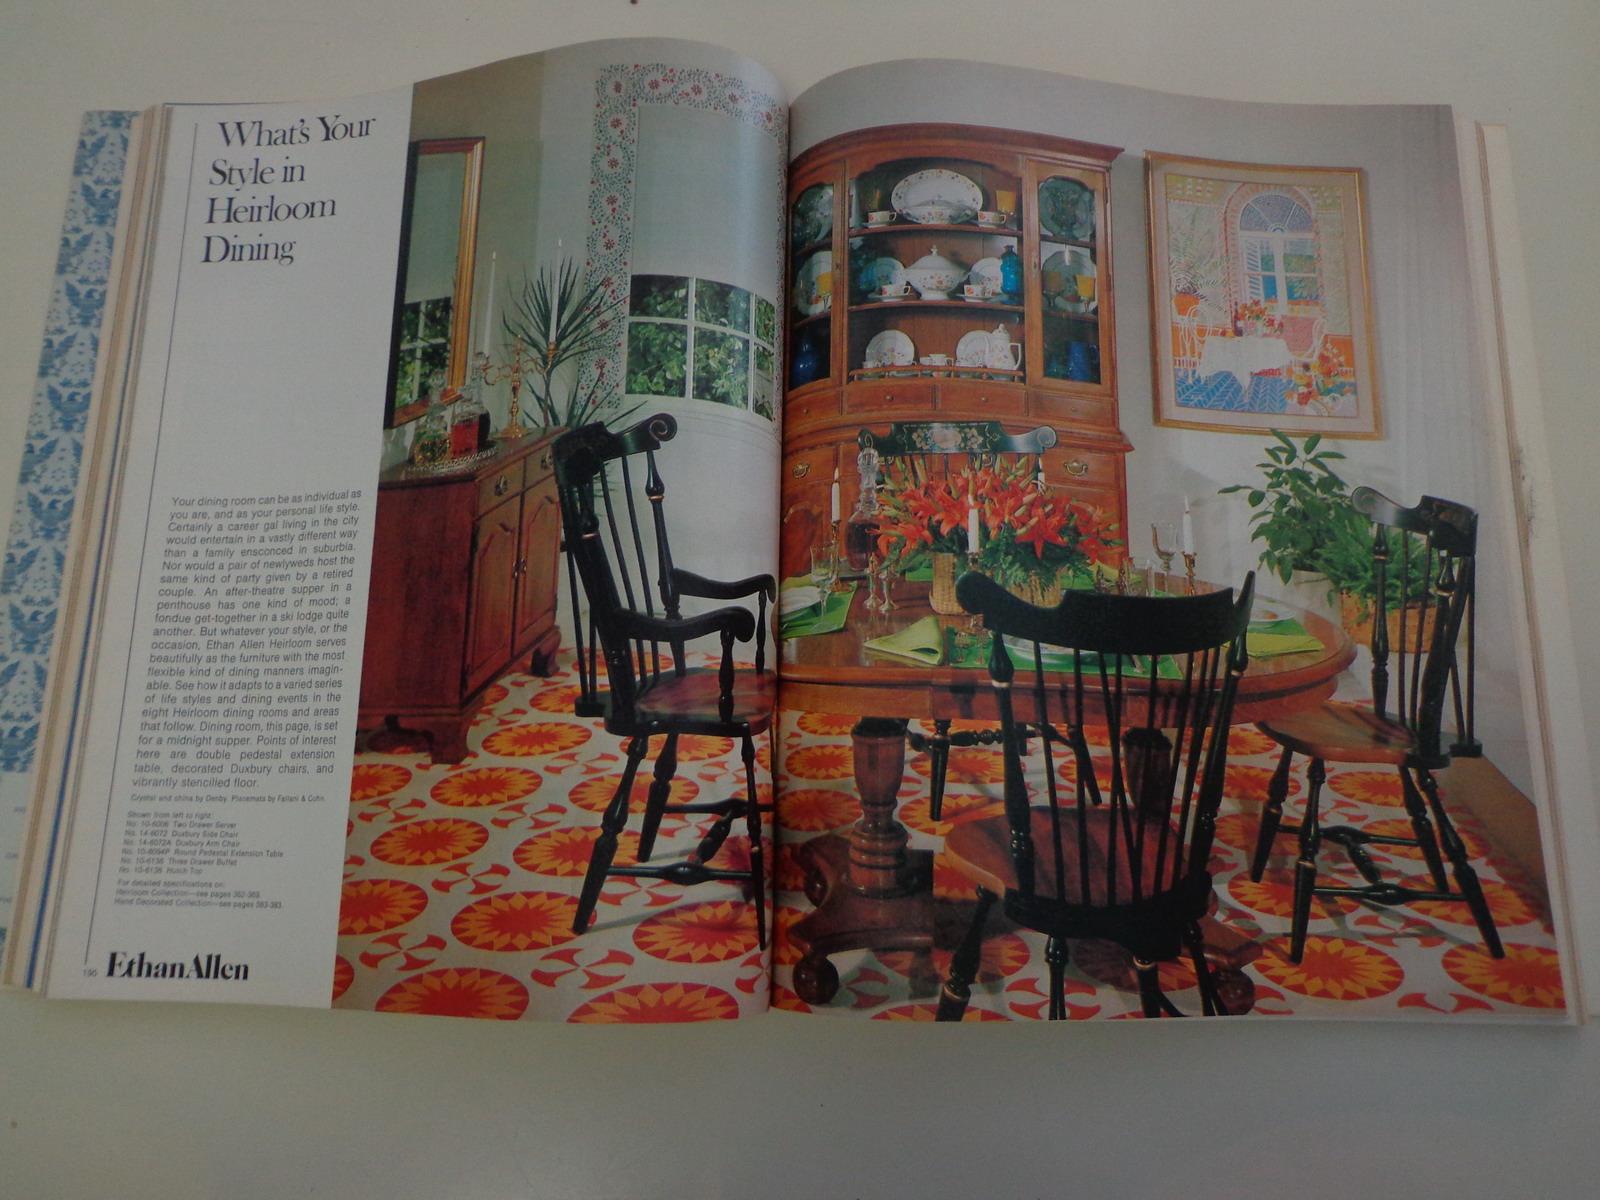 vintage ethan allen furniture catalog 28 images 61 On ethan allen catalog